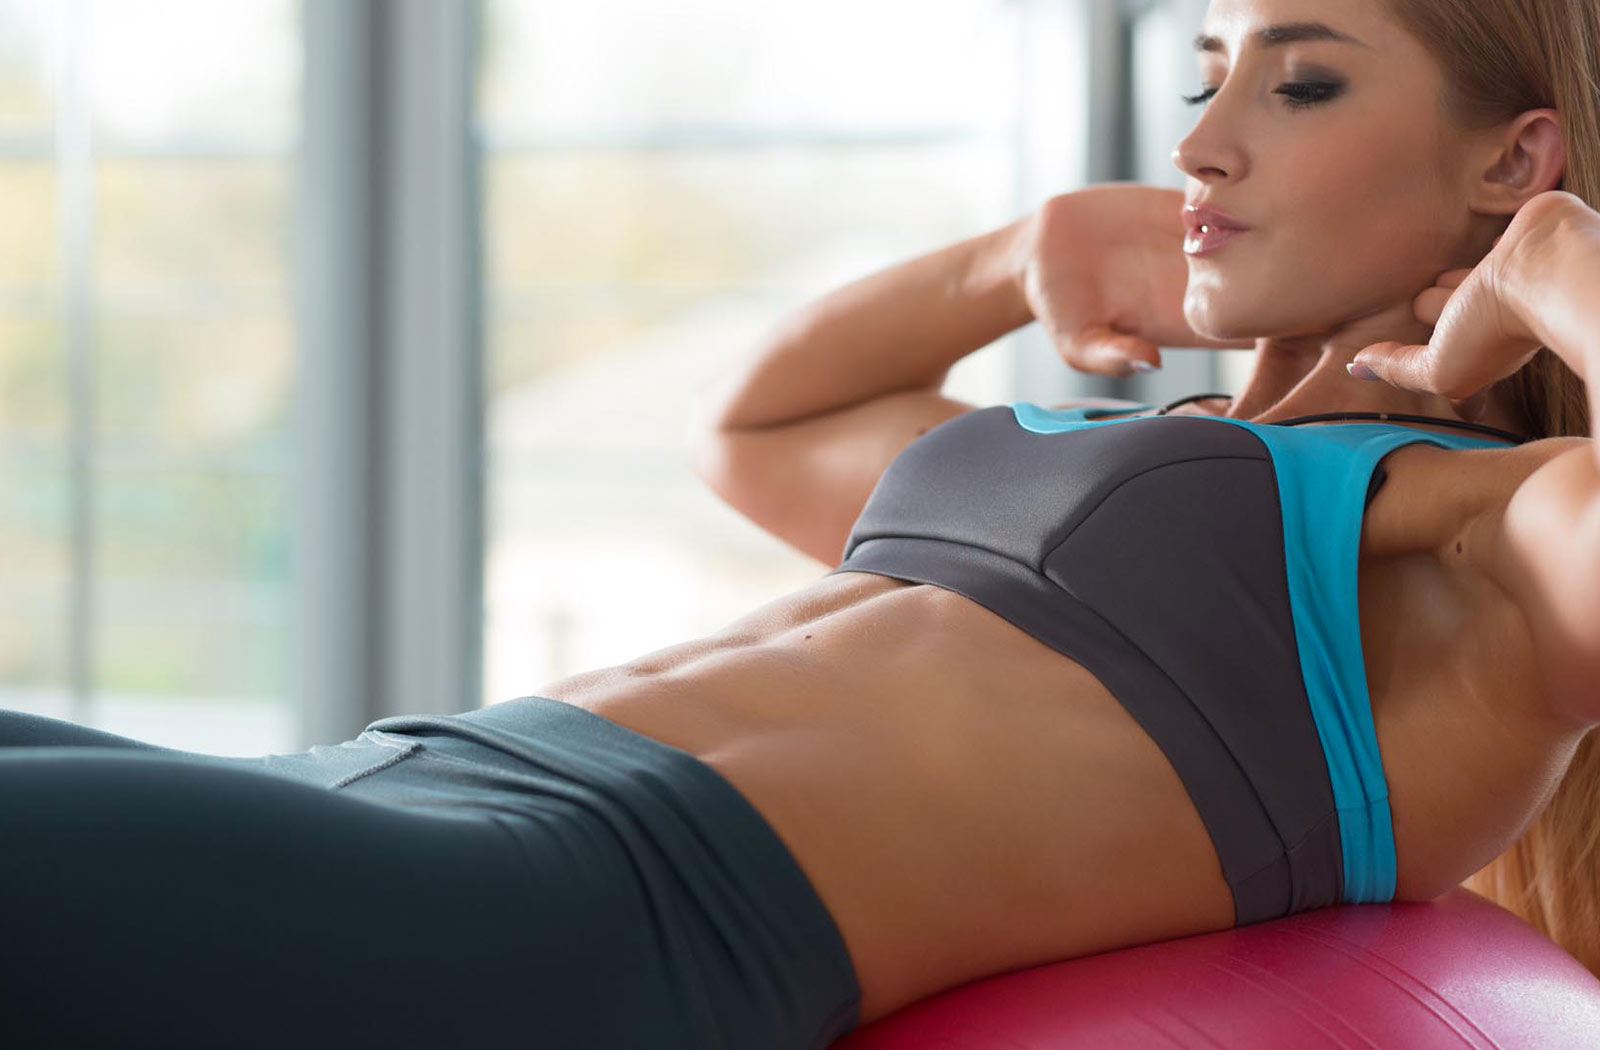 migliorare-gli-addominale--il-crunch-e-l'allenamento-funzionale